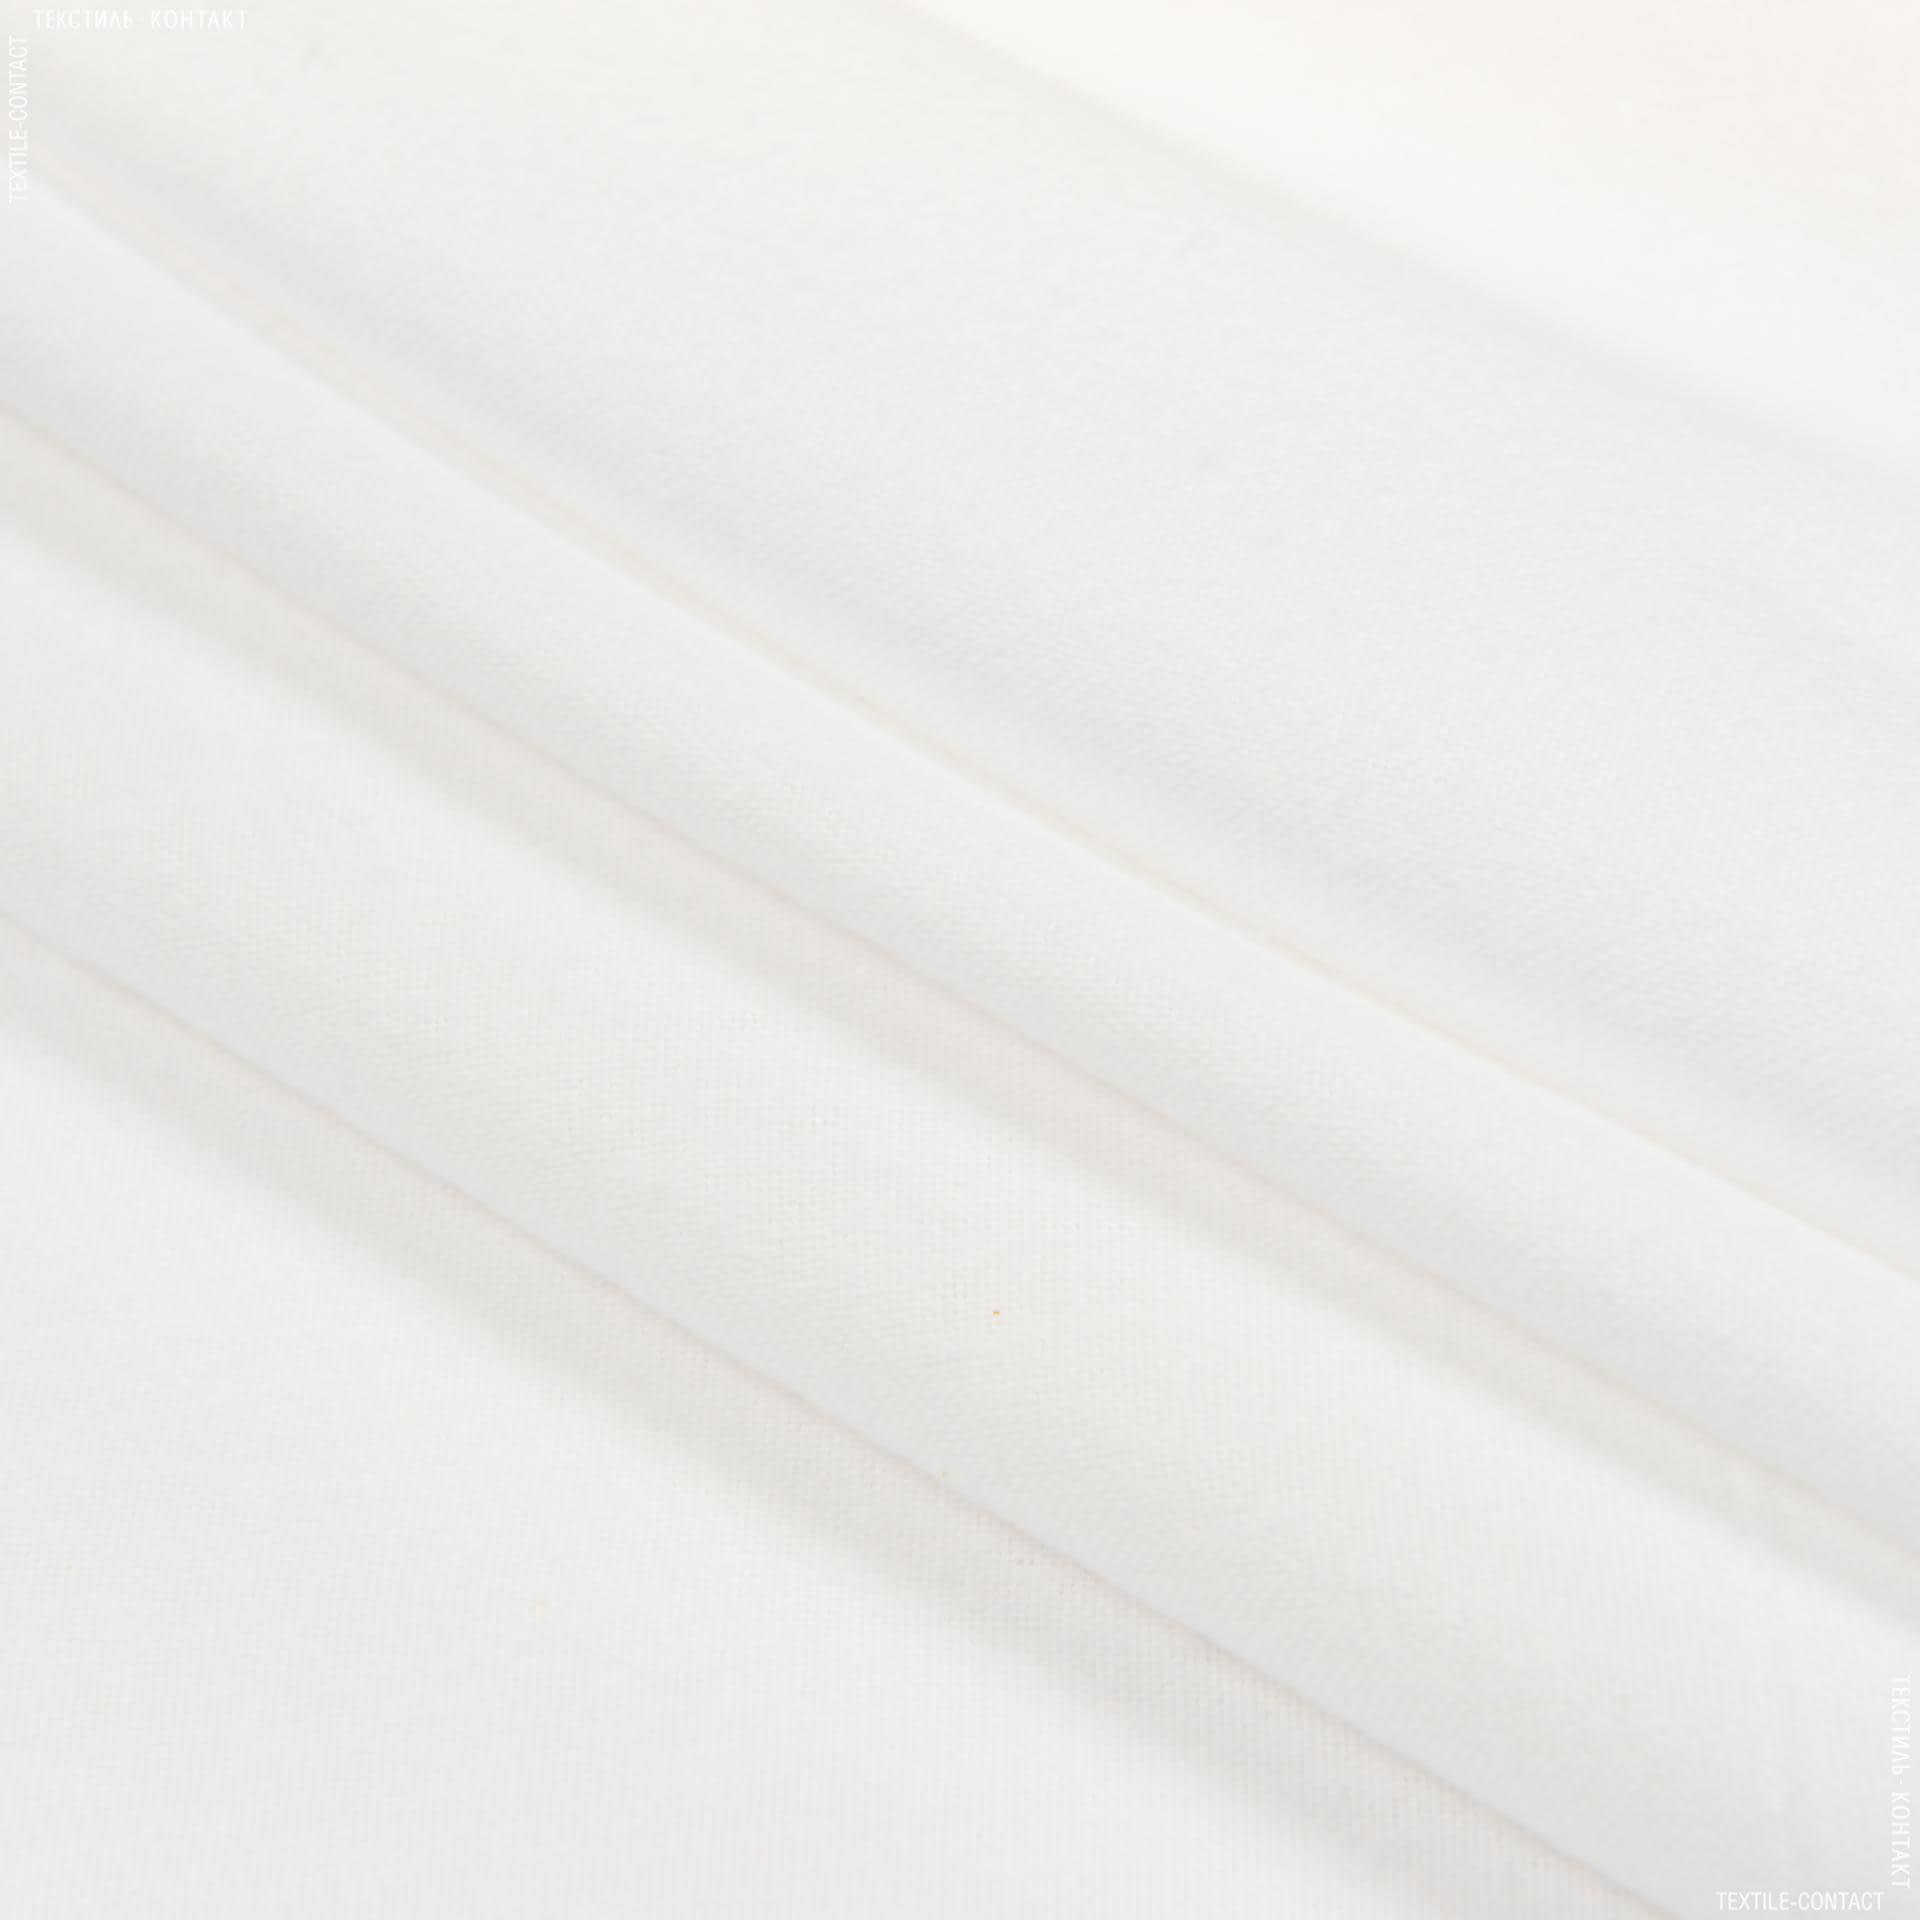 Тканини для побутового використання - Фланель відбілена